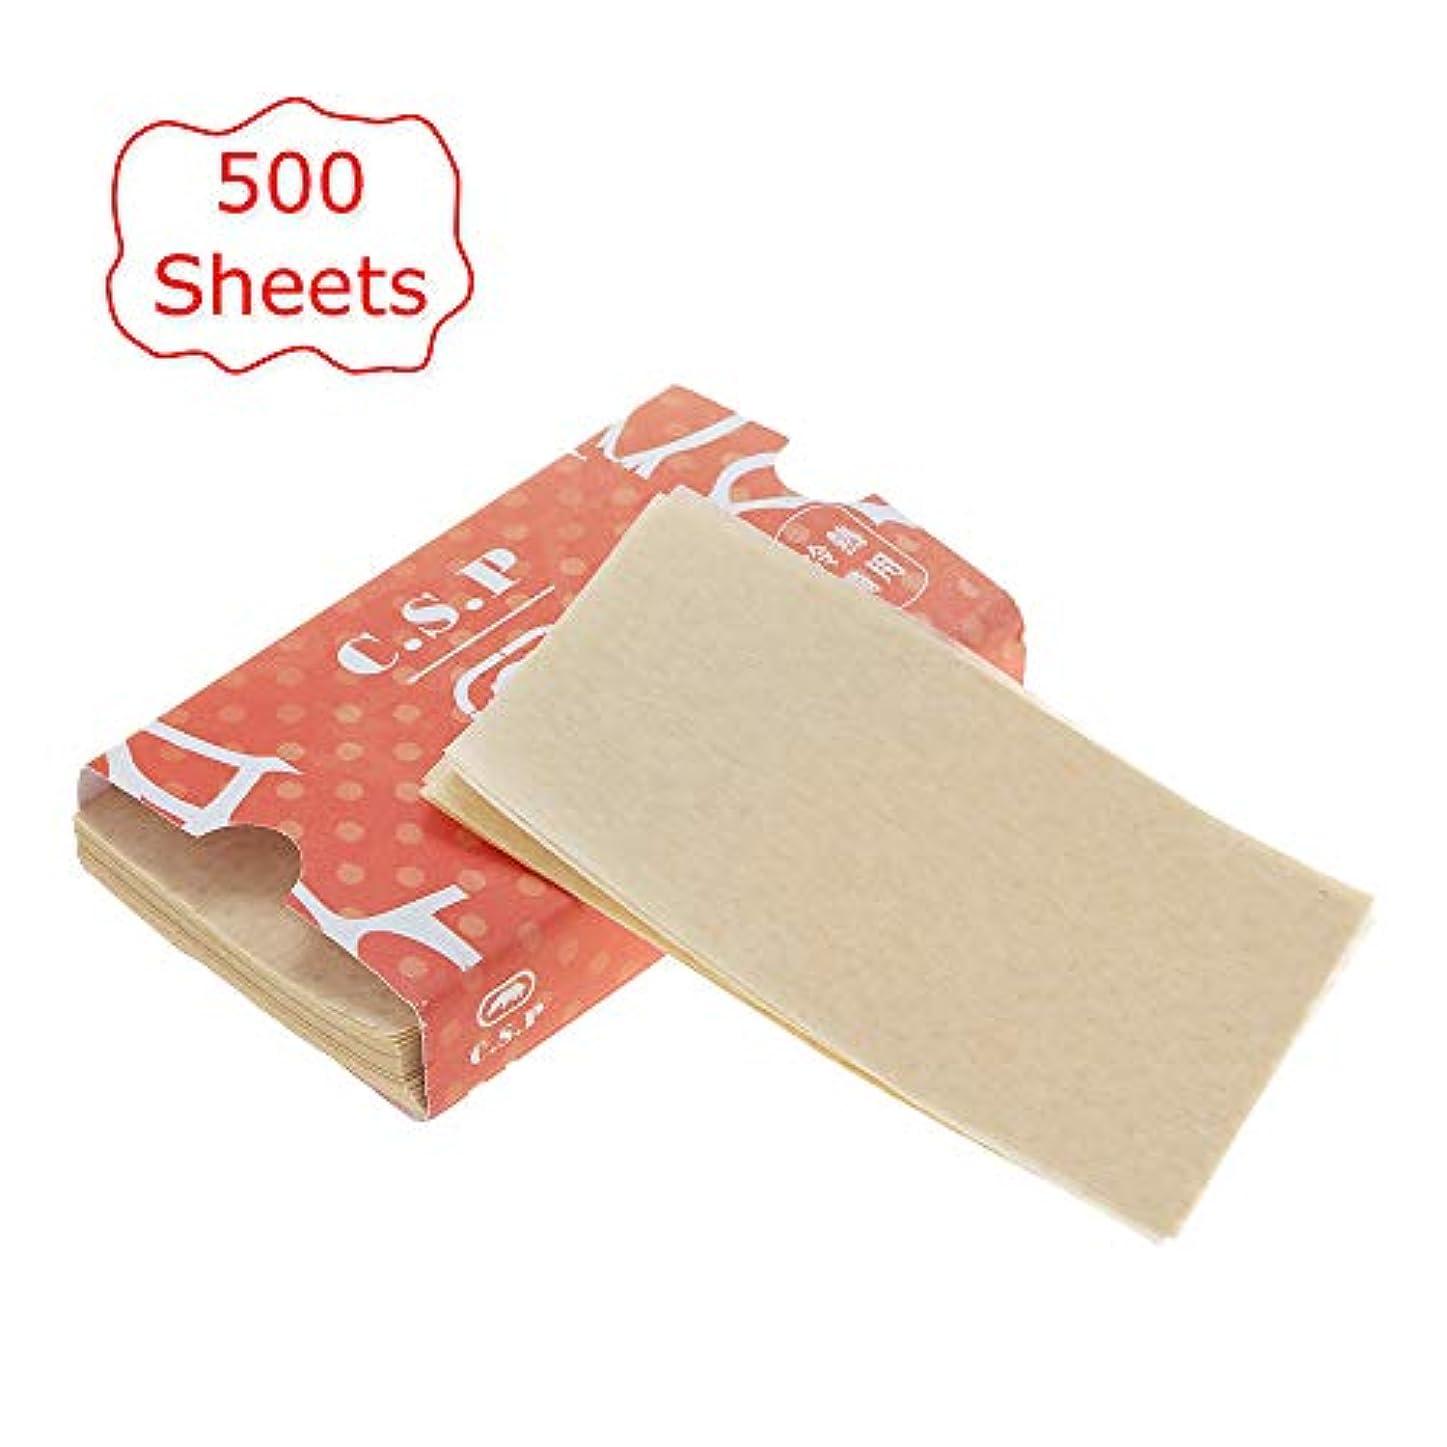 教育ブレークサロンDecdeal 500枚 ヘアカラー紙 ヘアダイペーパー ヘアパーマツール 自宅 DIY